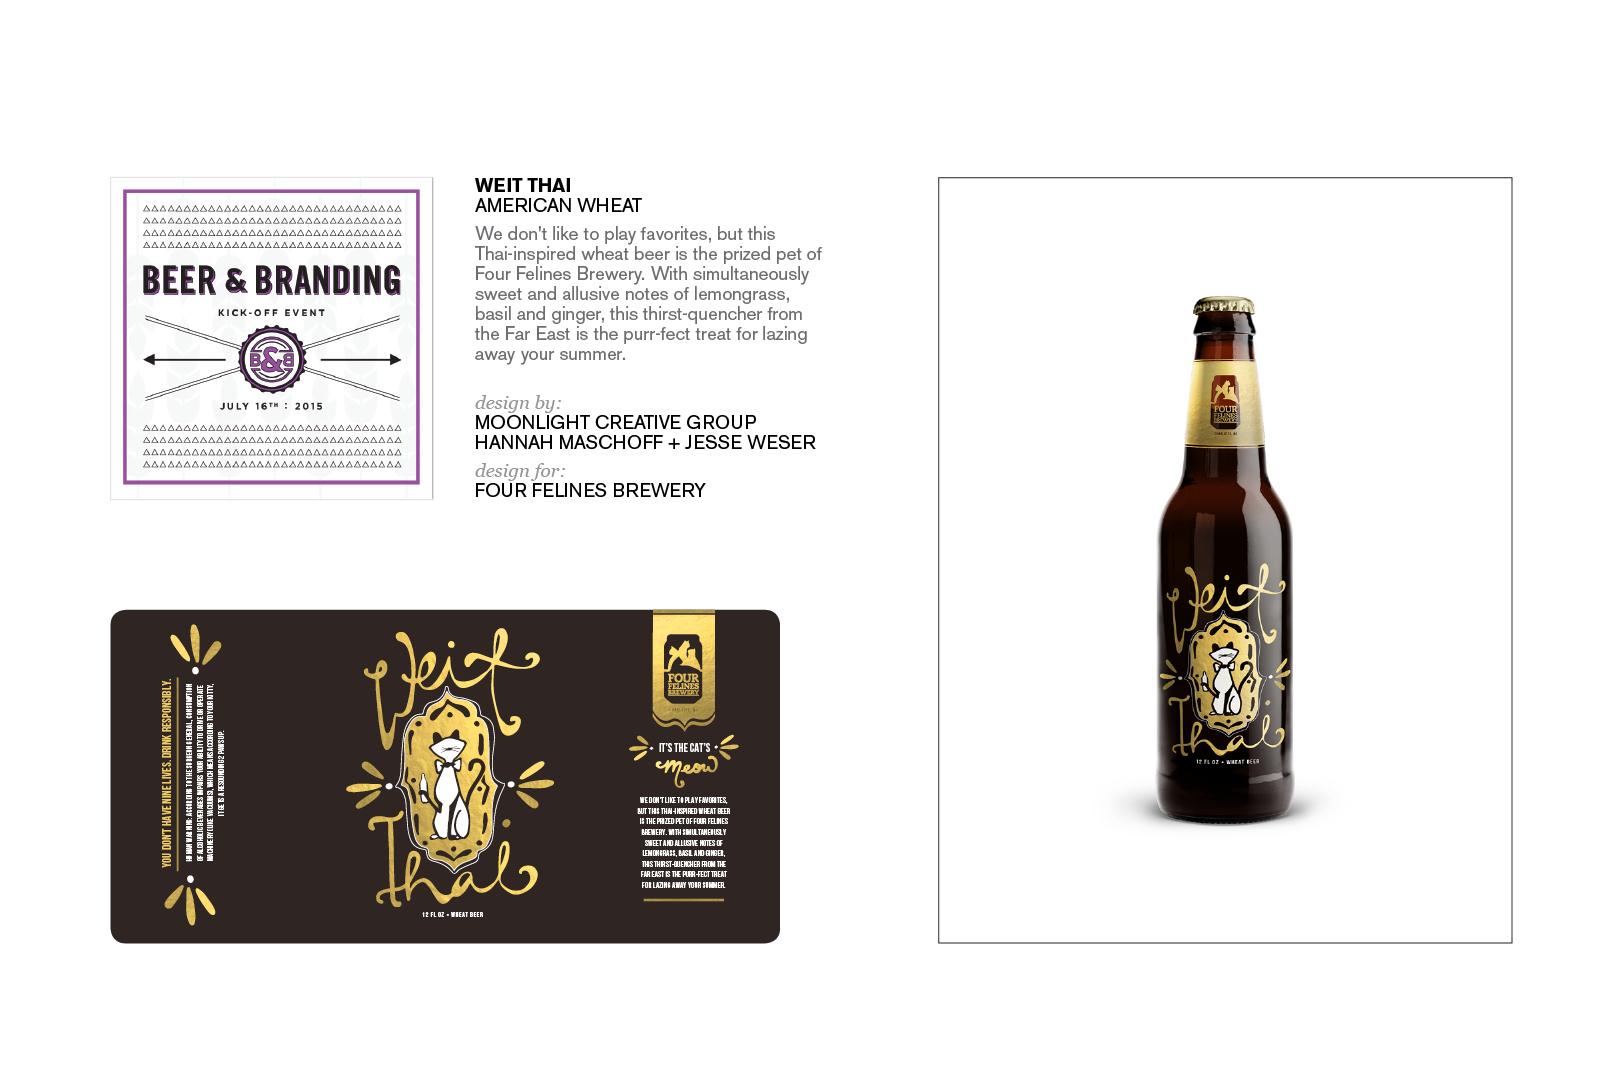 Weit Thai Blog-Beer packaging4